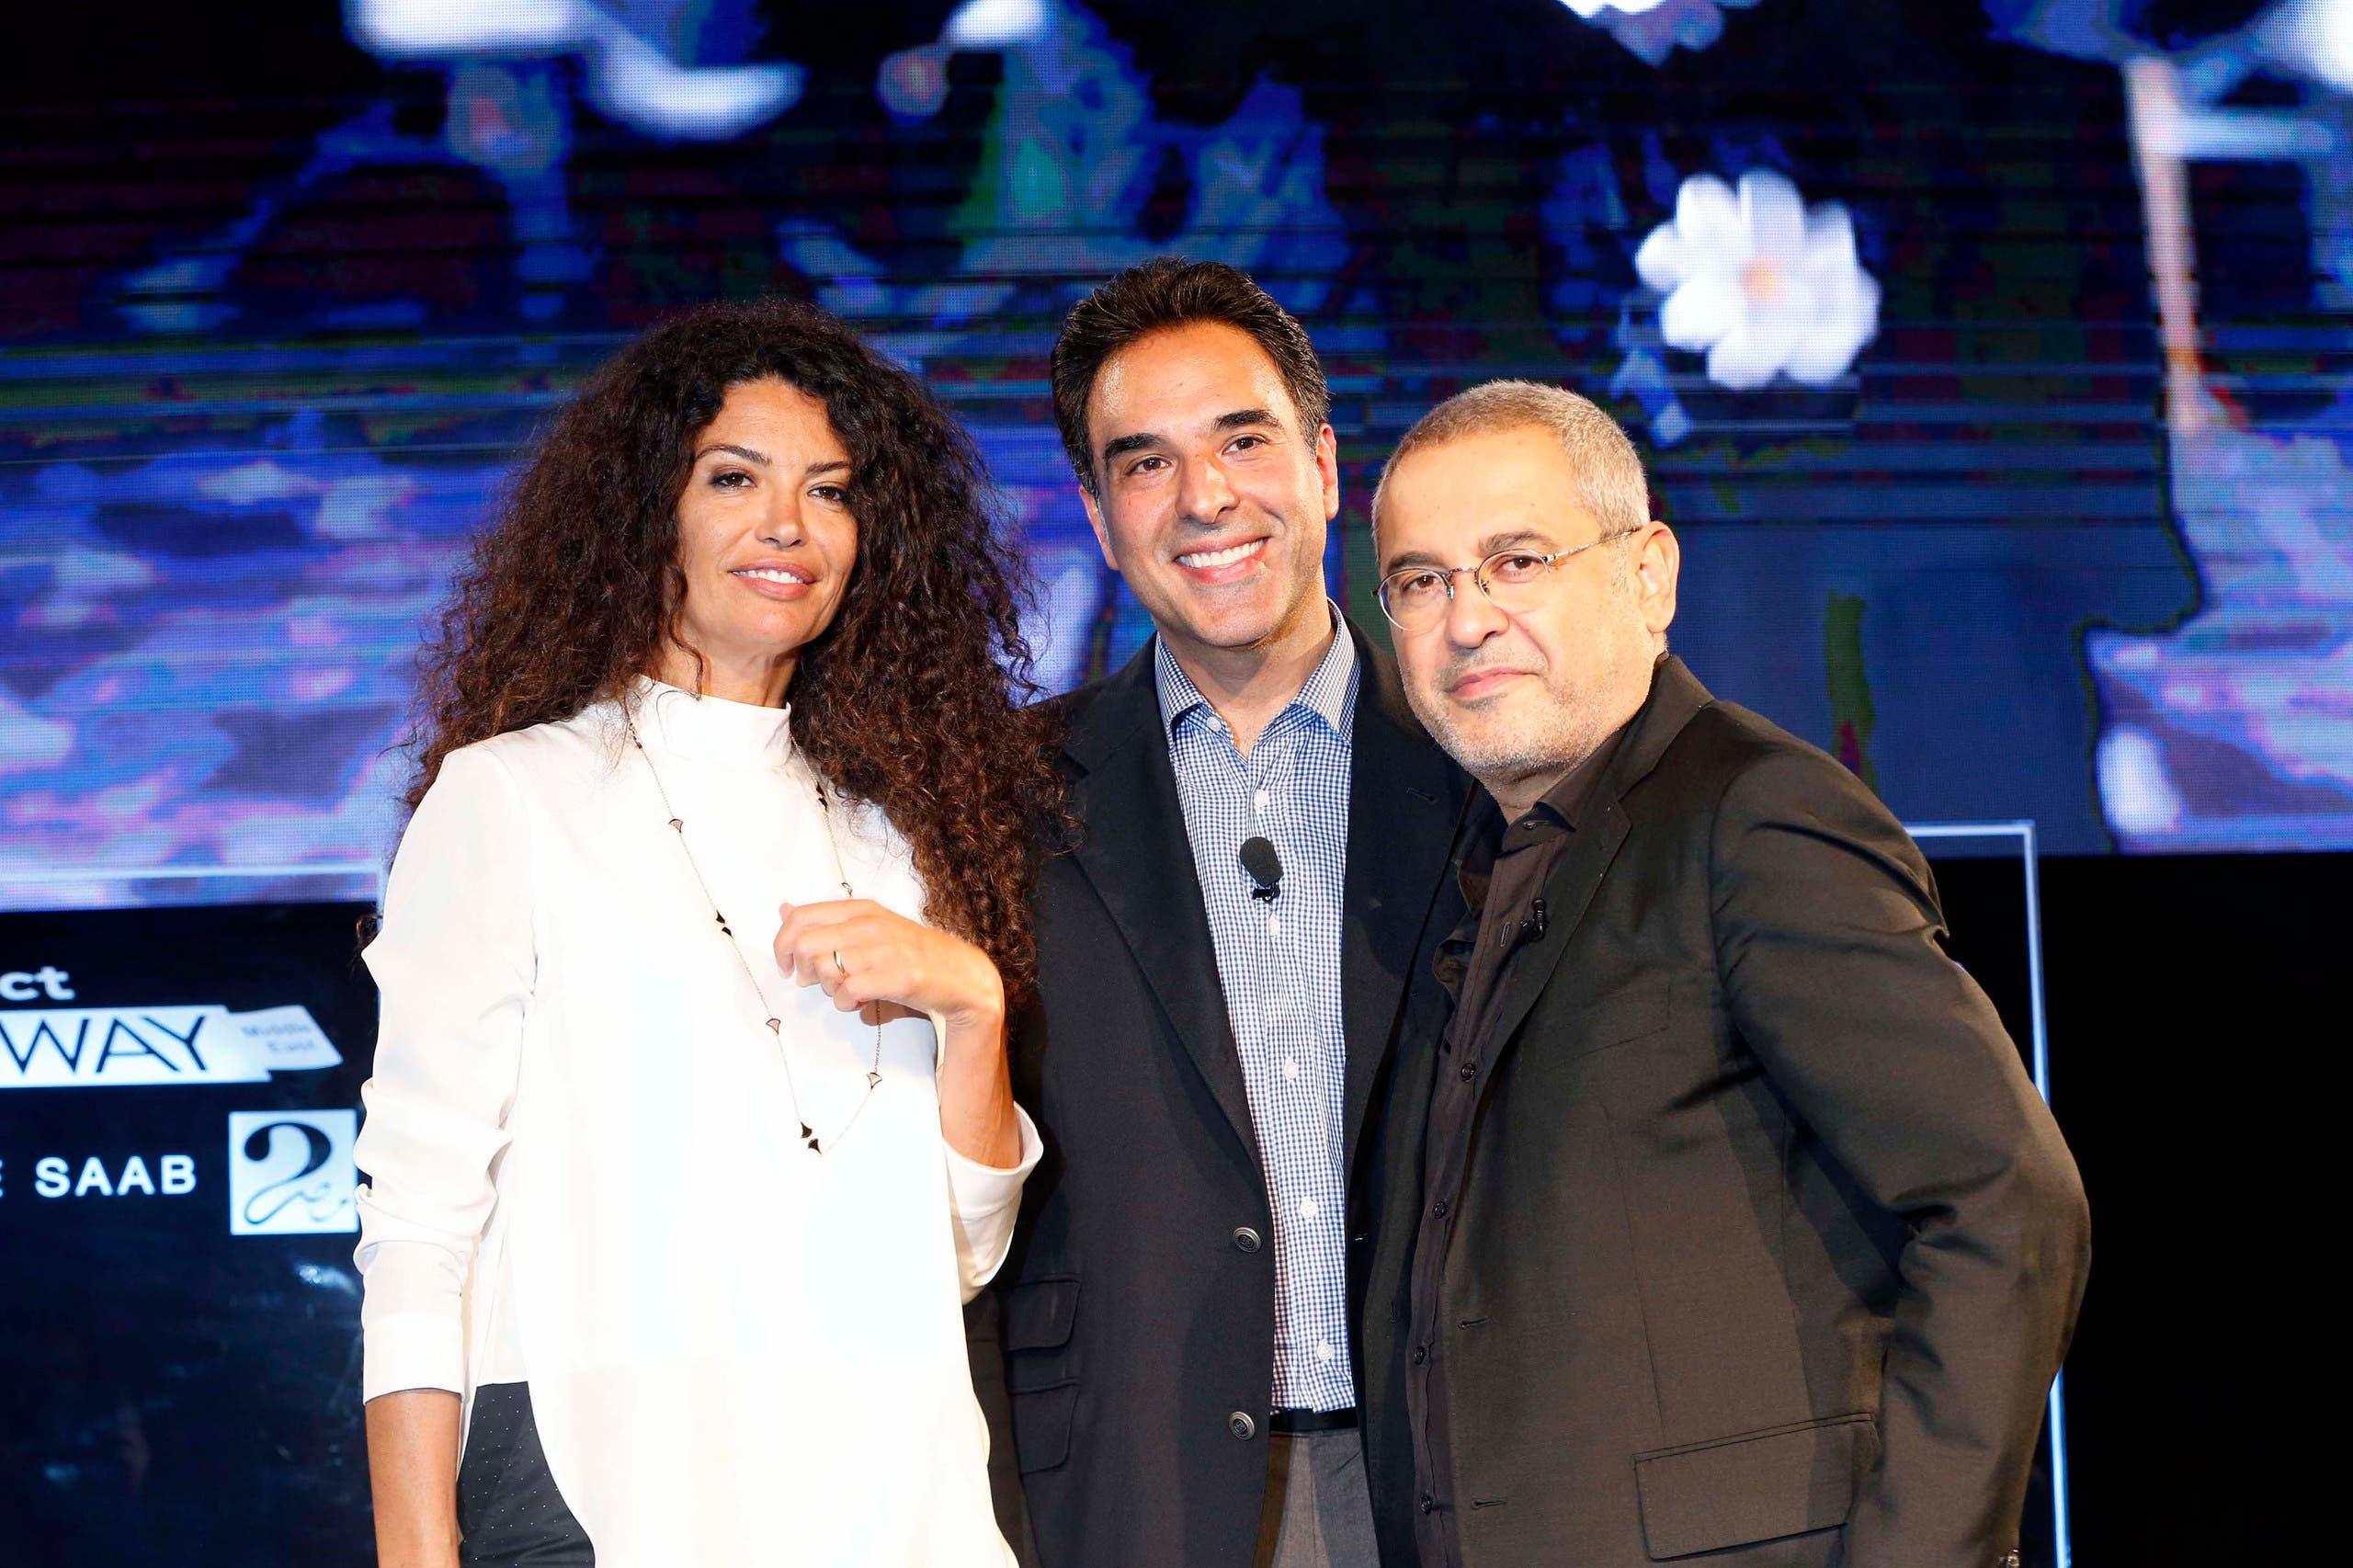 Afef Jnifen, Mazen Hayek, Elie Saab (MBC)